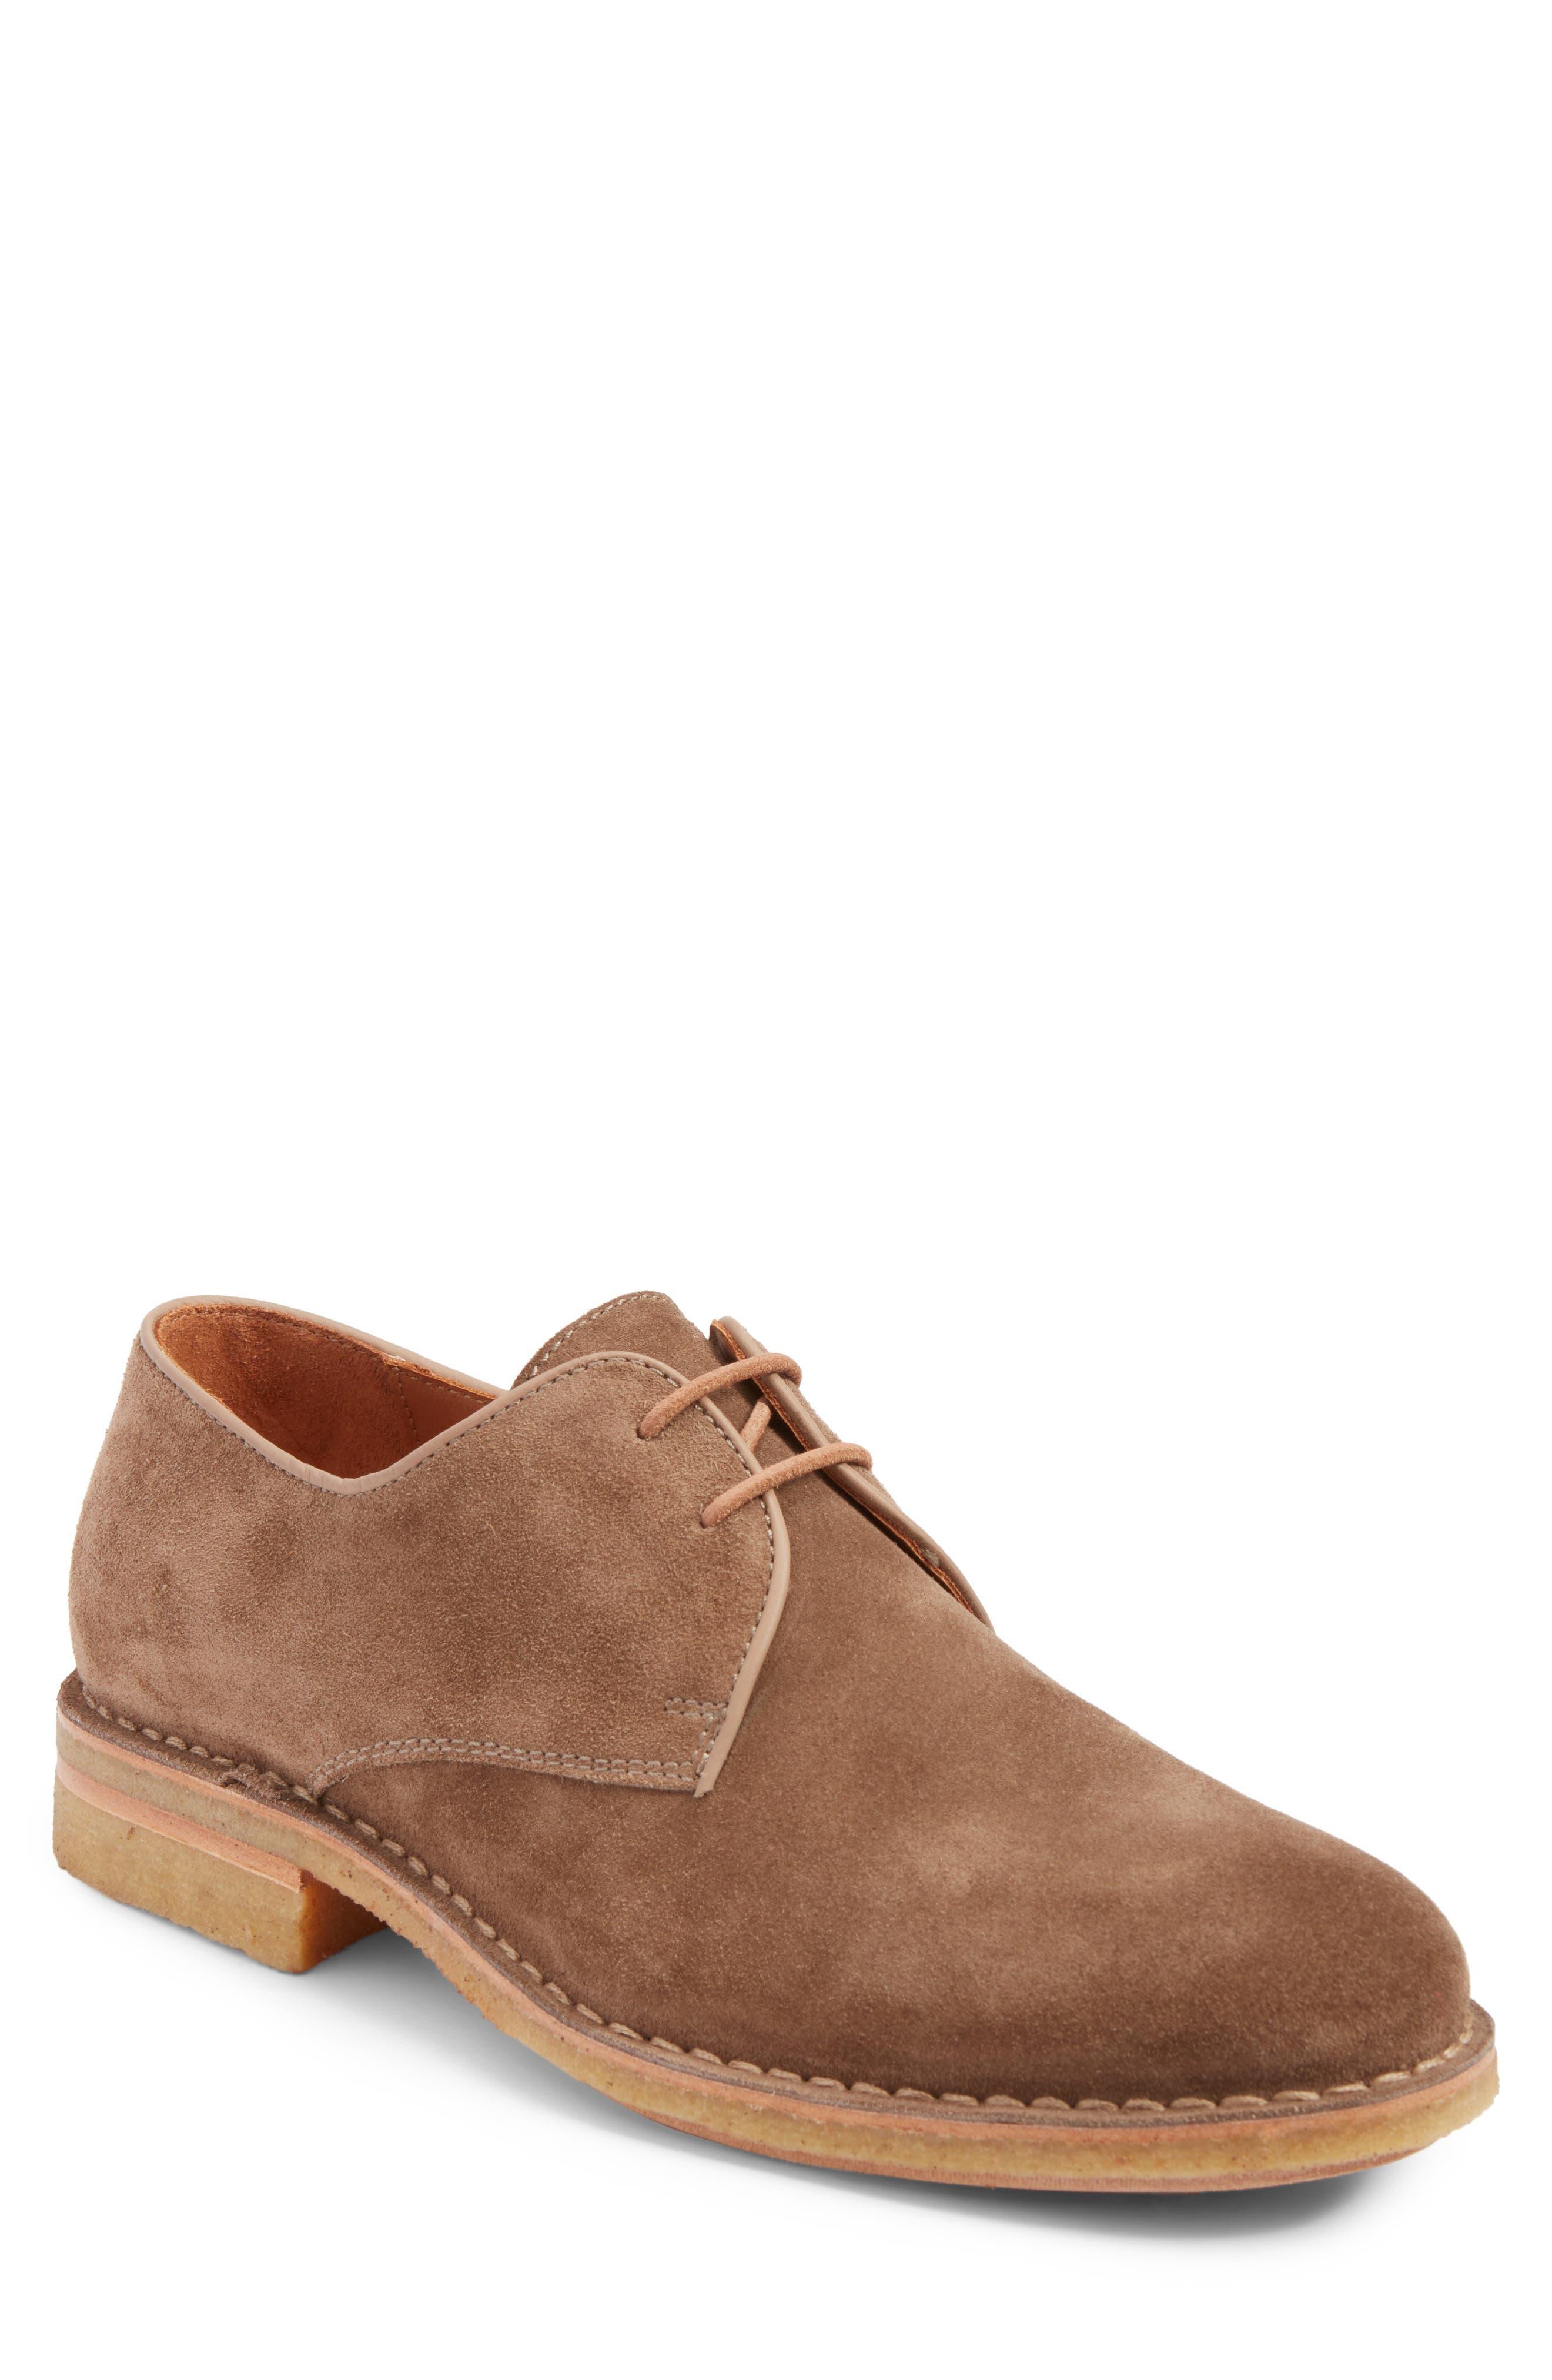 Otis Buck Shoe,                         Main,                         color, 250